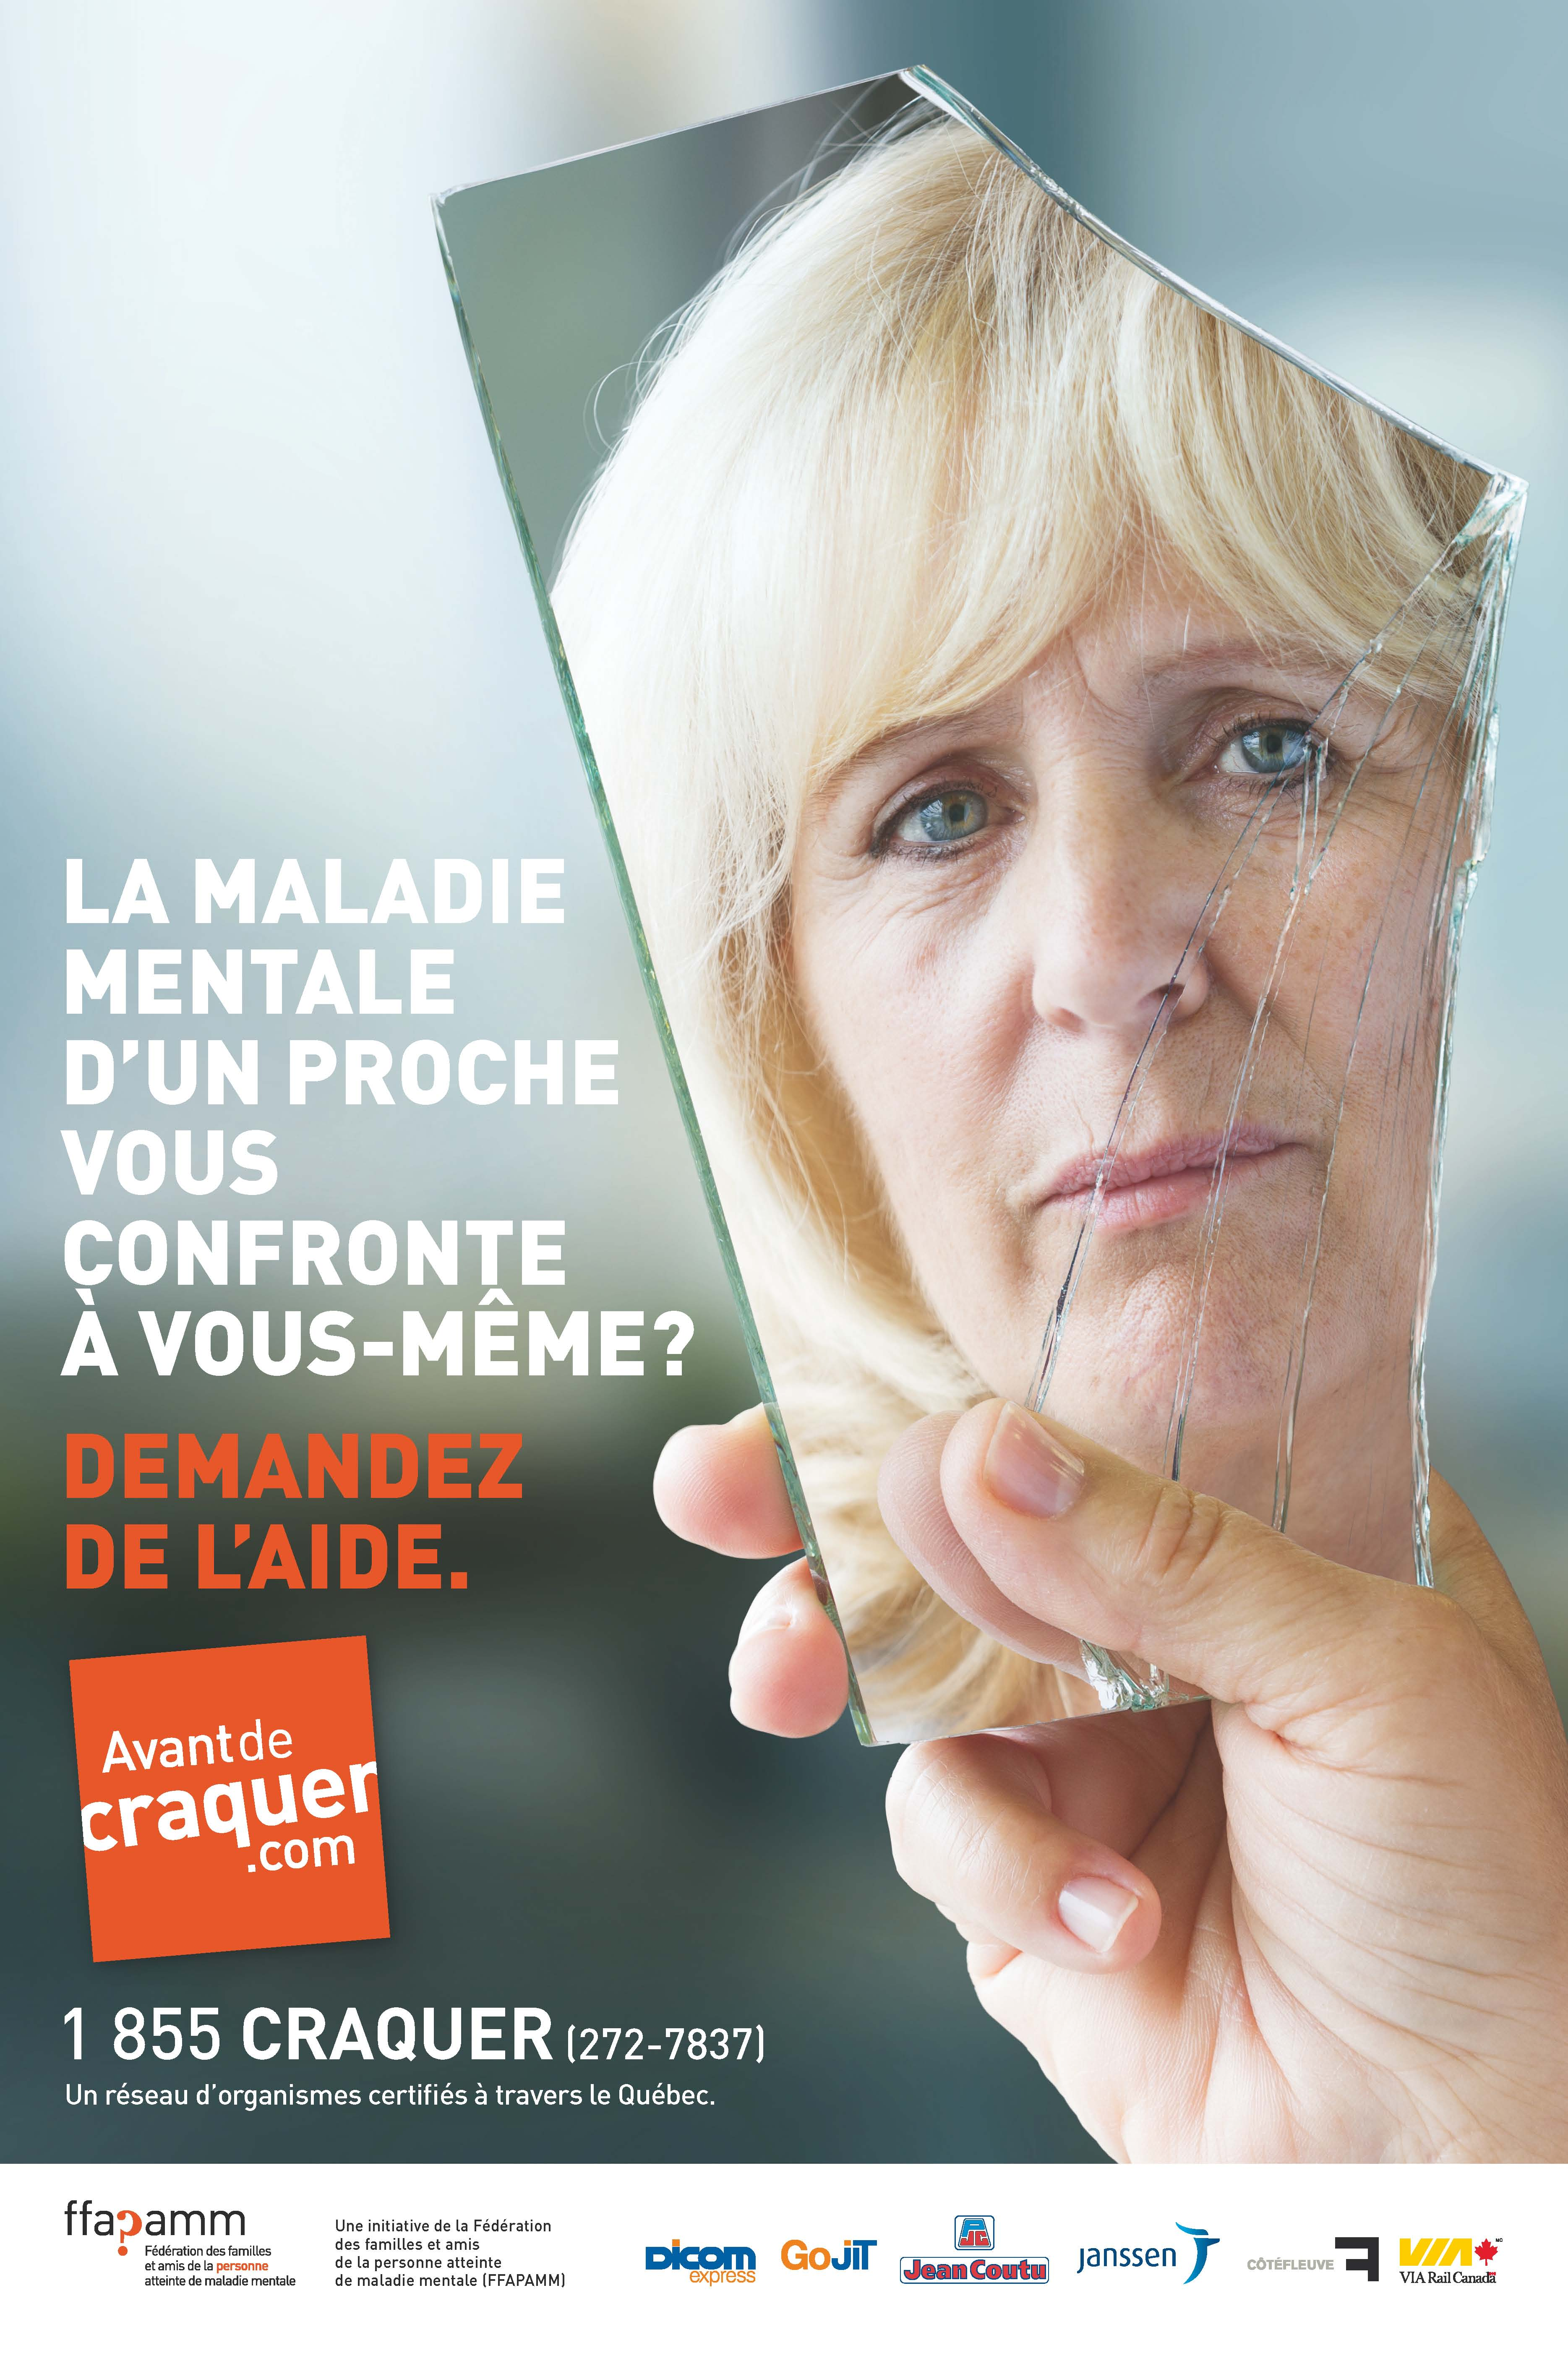 Édition spéciale | Campagne d'information et d'éducation du Réseau Avantdecraquer.com cover image